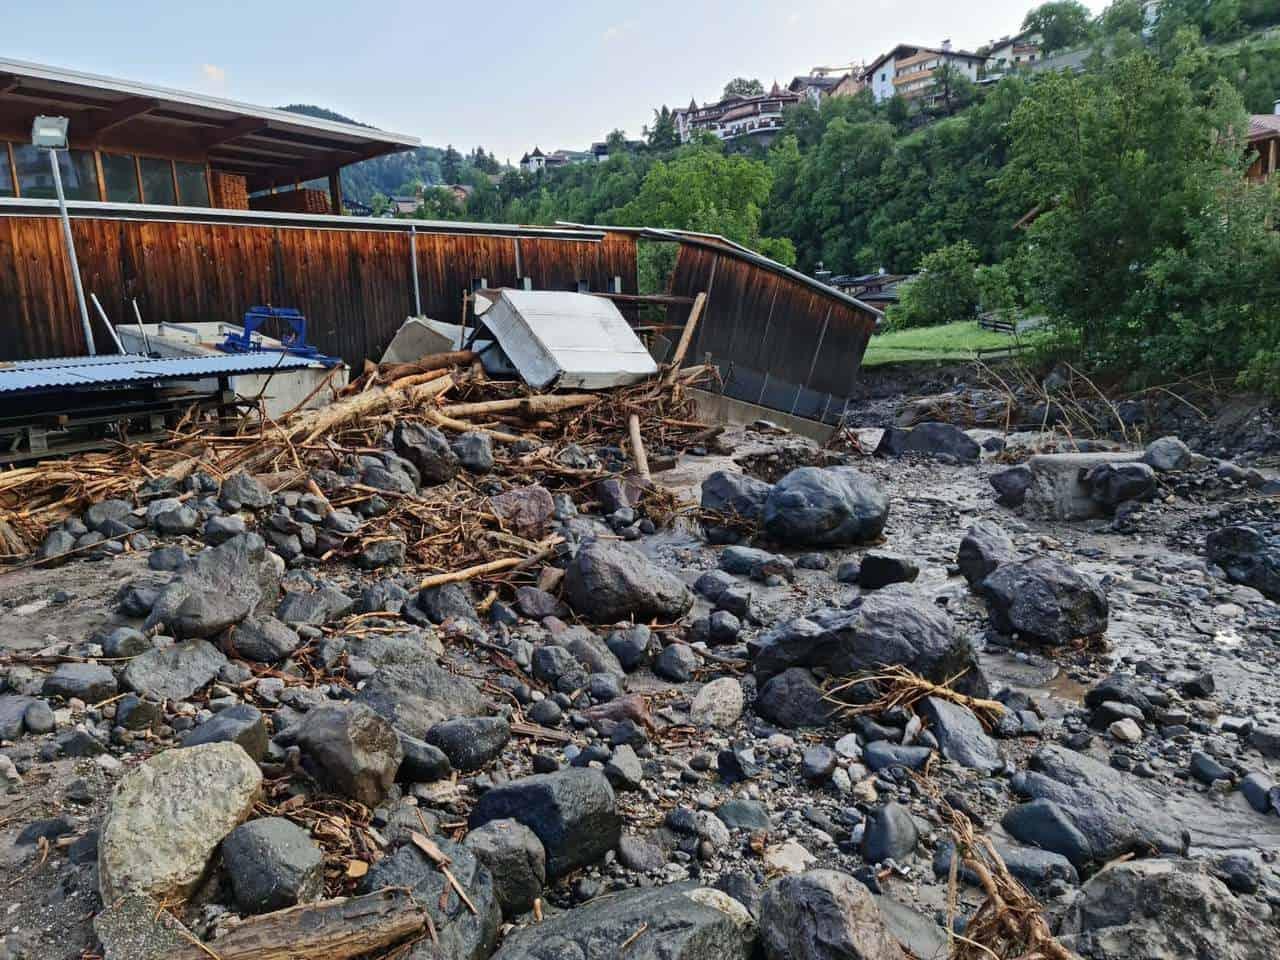 220780456 4311802075546471 2626302164529744621 n - Alluvione lampo in Alto Adige, ingenti danni. Ormai meteo estremo sempre più frequente